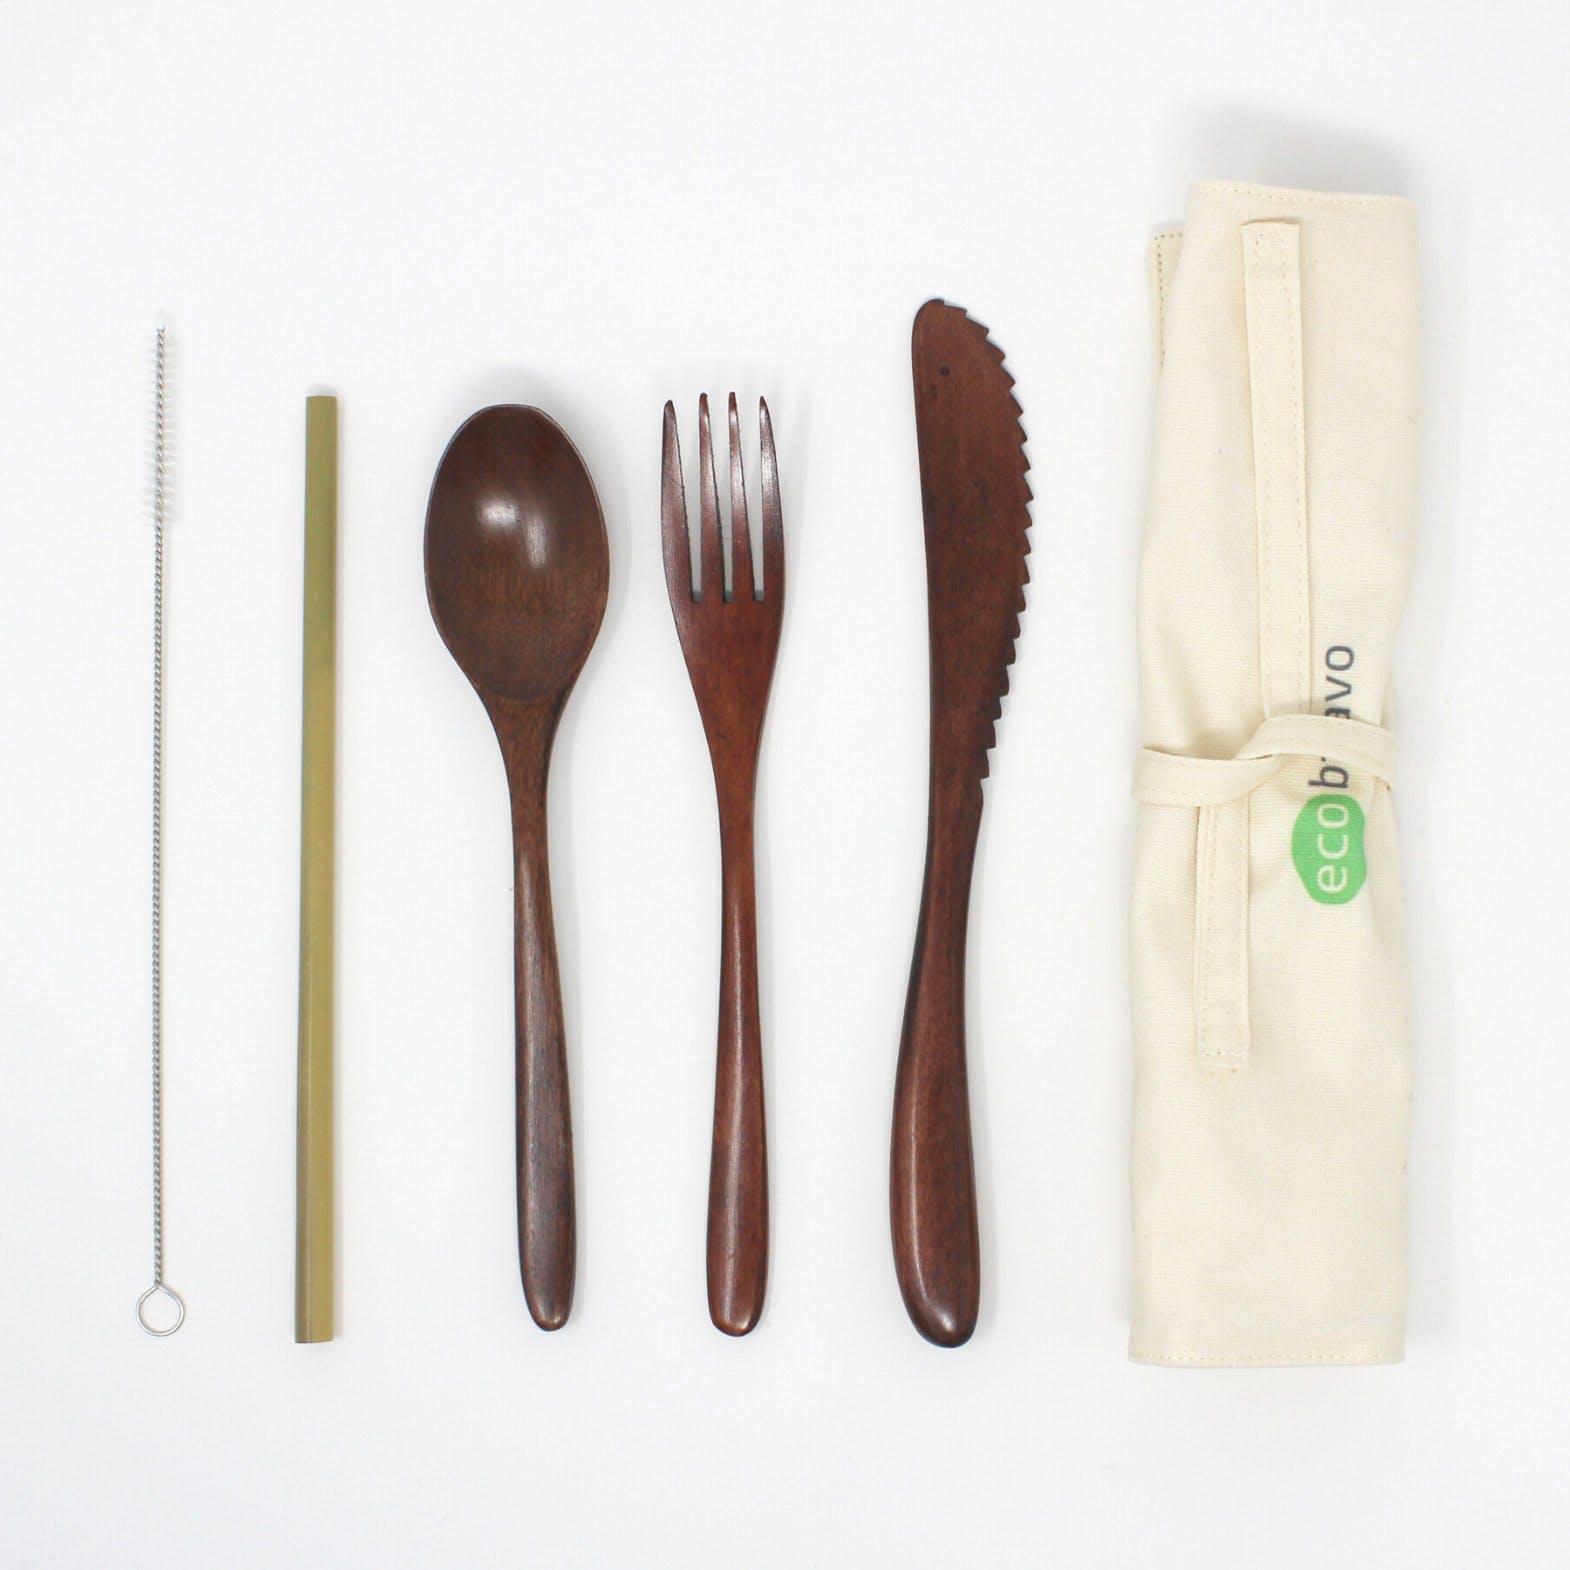 dark bamboo cutlery set